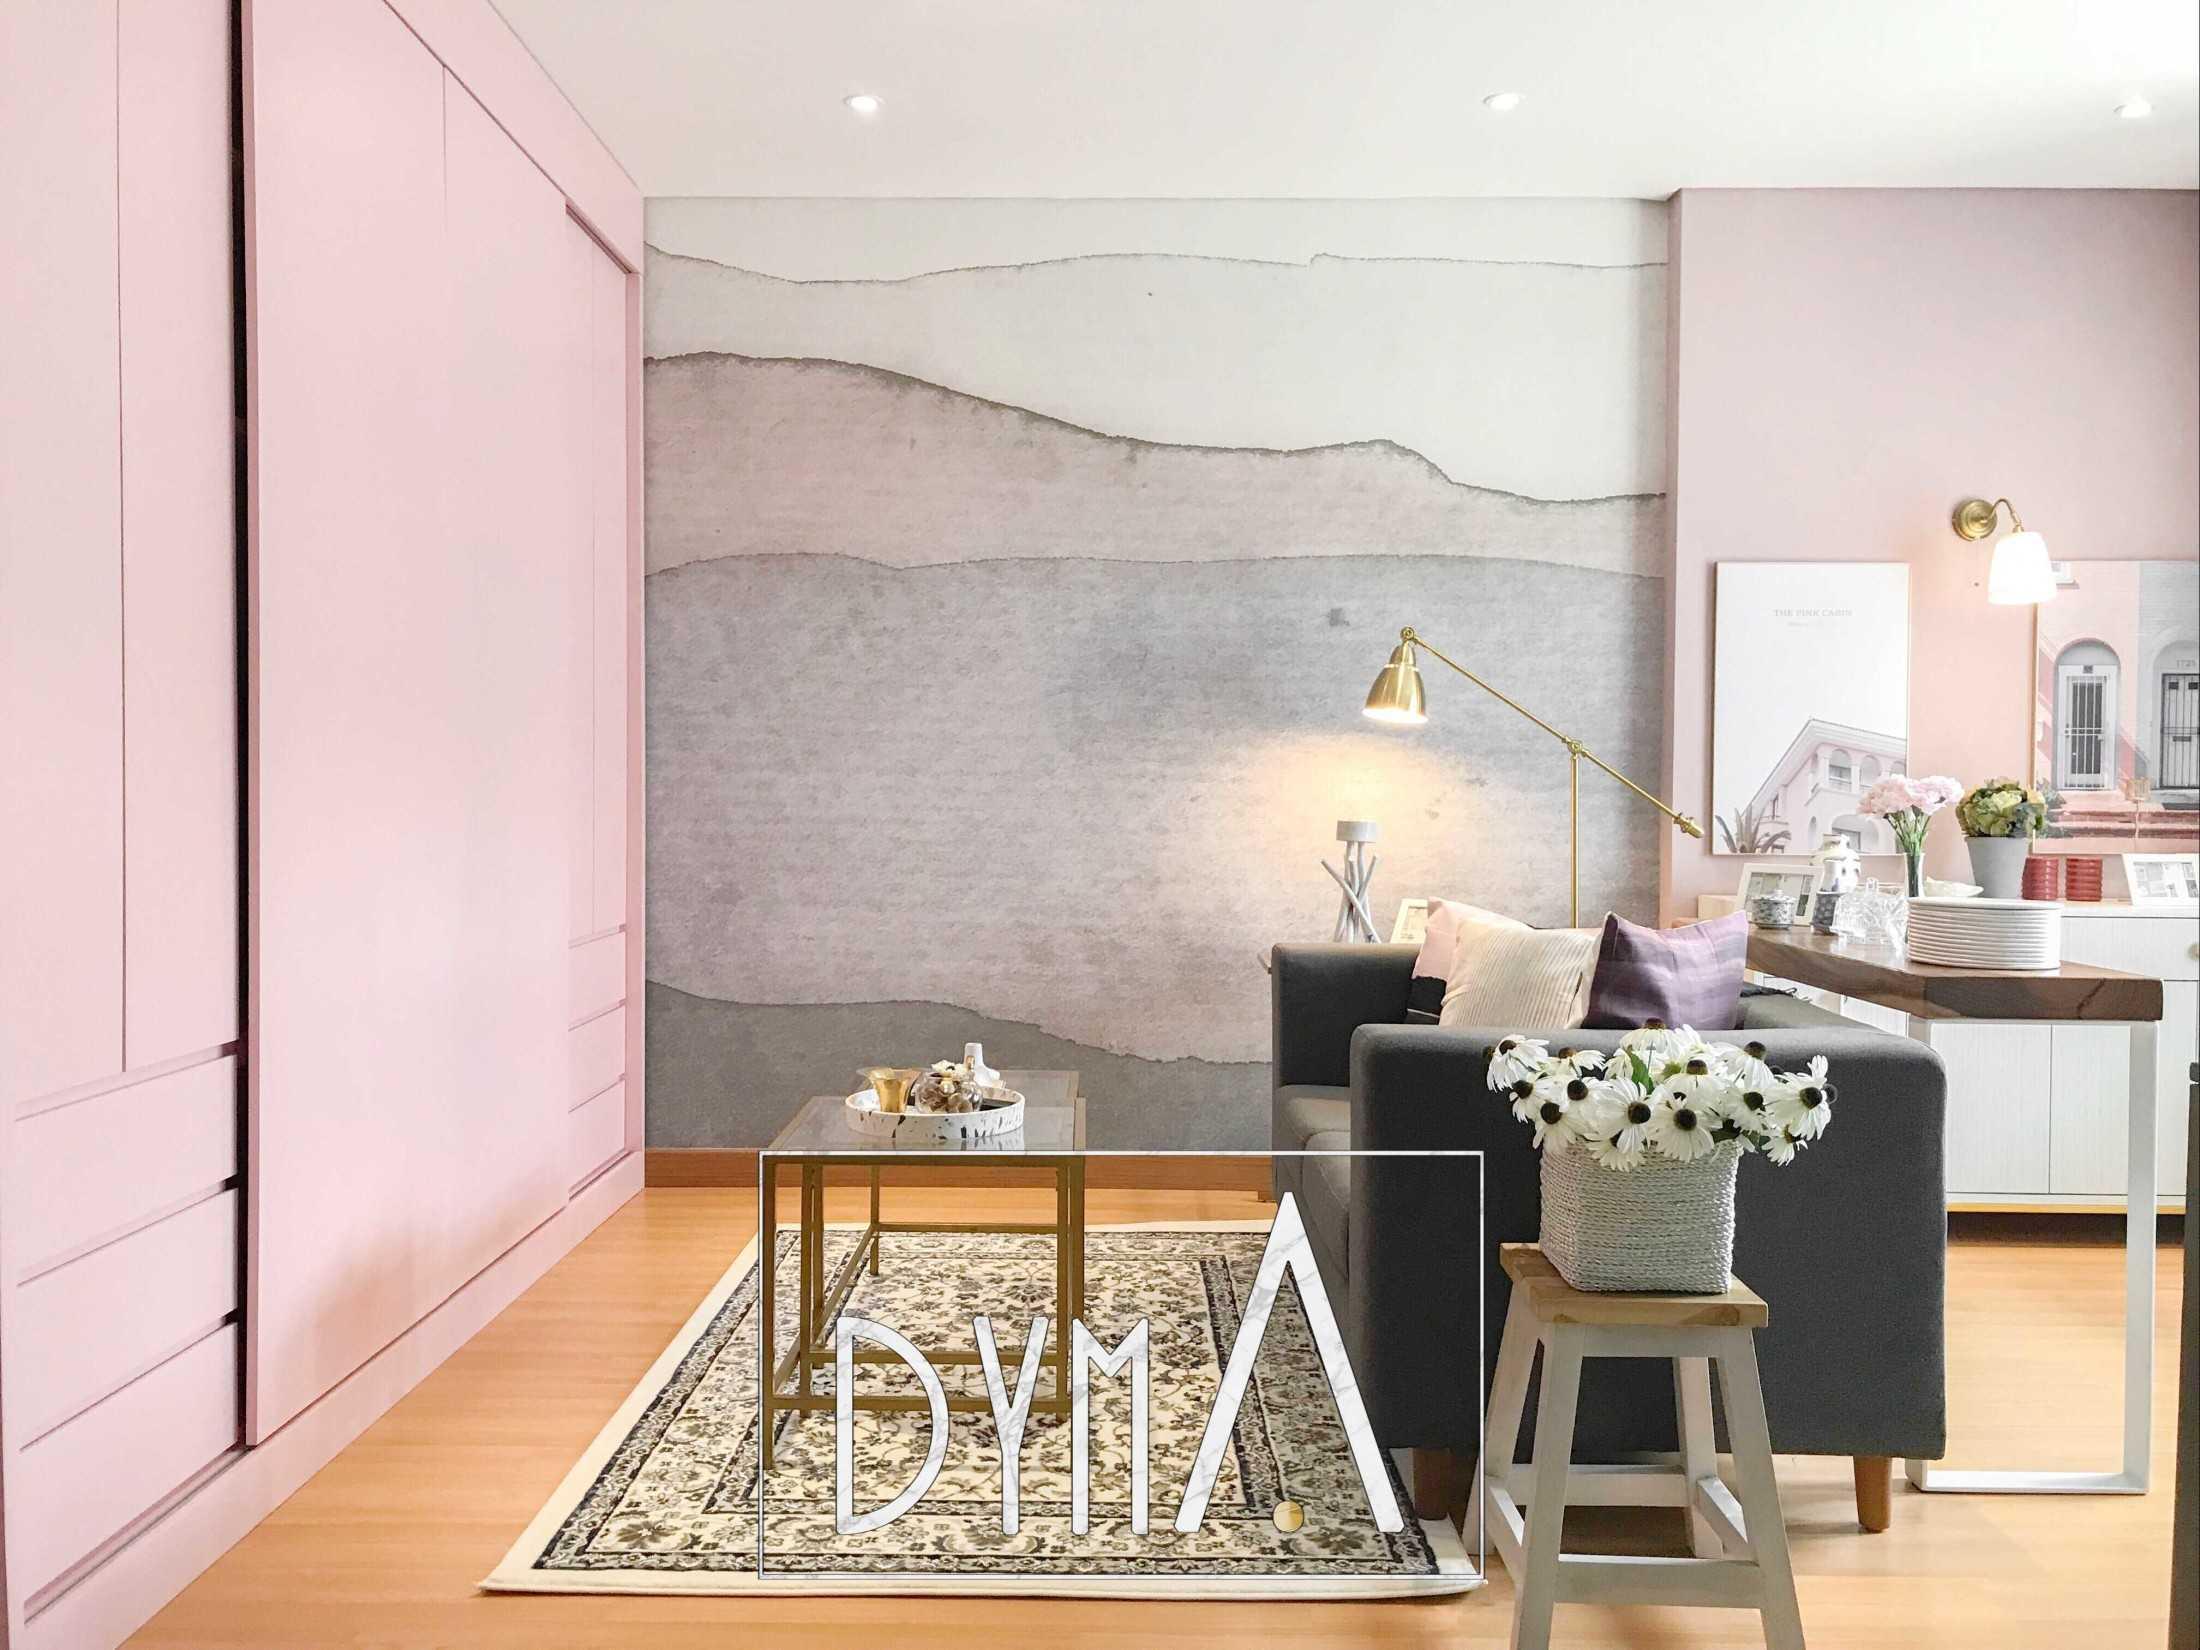 Dyma Design Studio Tropical In Pink Kebalen, Kec. Babelan, Bekasi, Jawa Barat 17610, Indonesia Kebalen, Kec. Babelan, Bekasi, Jawa Barat 17610, Indonesia Dyma Design Studio | Tropical In Pink Tropical 95008